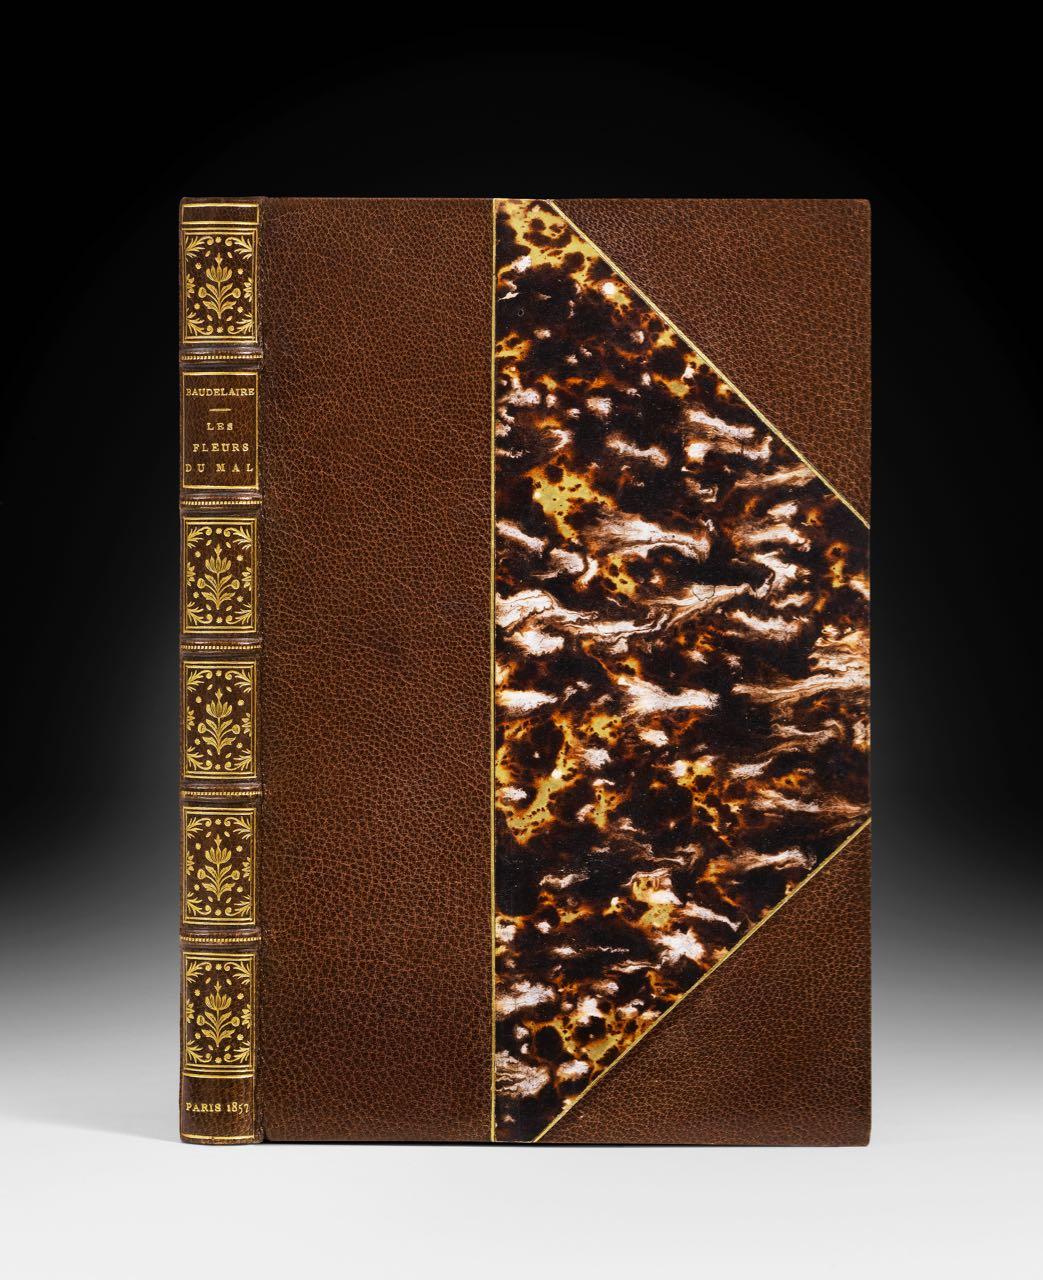 Baudelaire fleurs marron 1